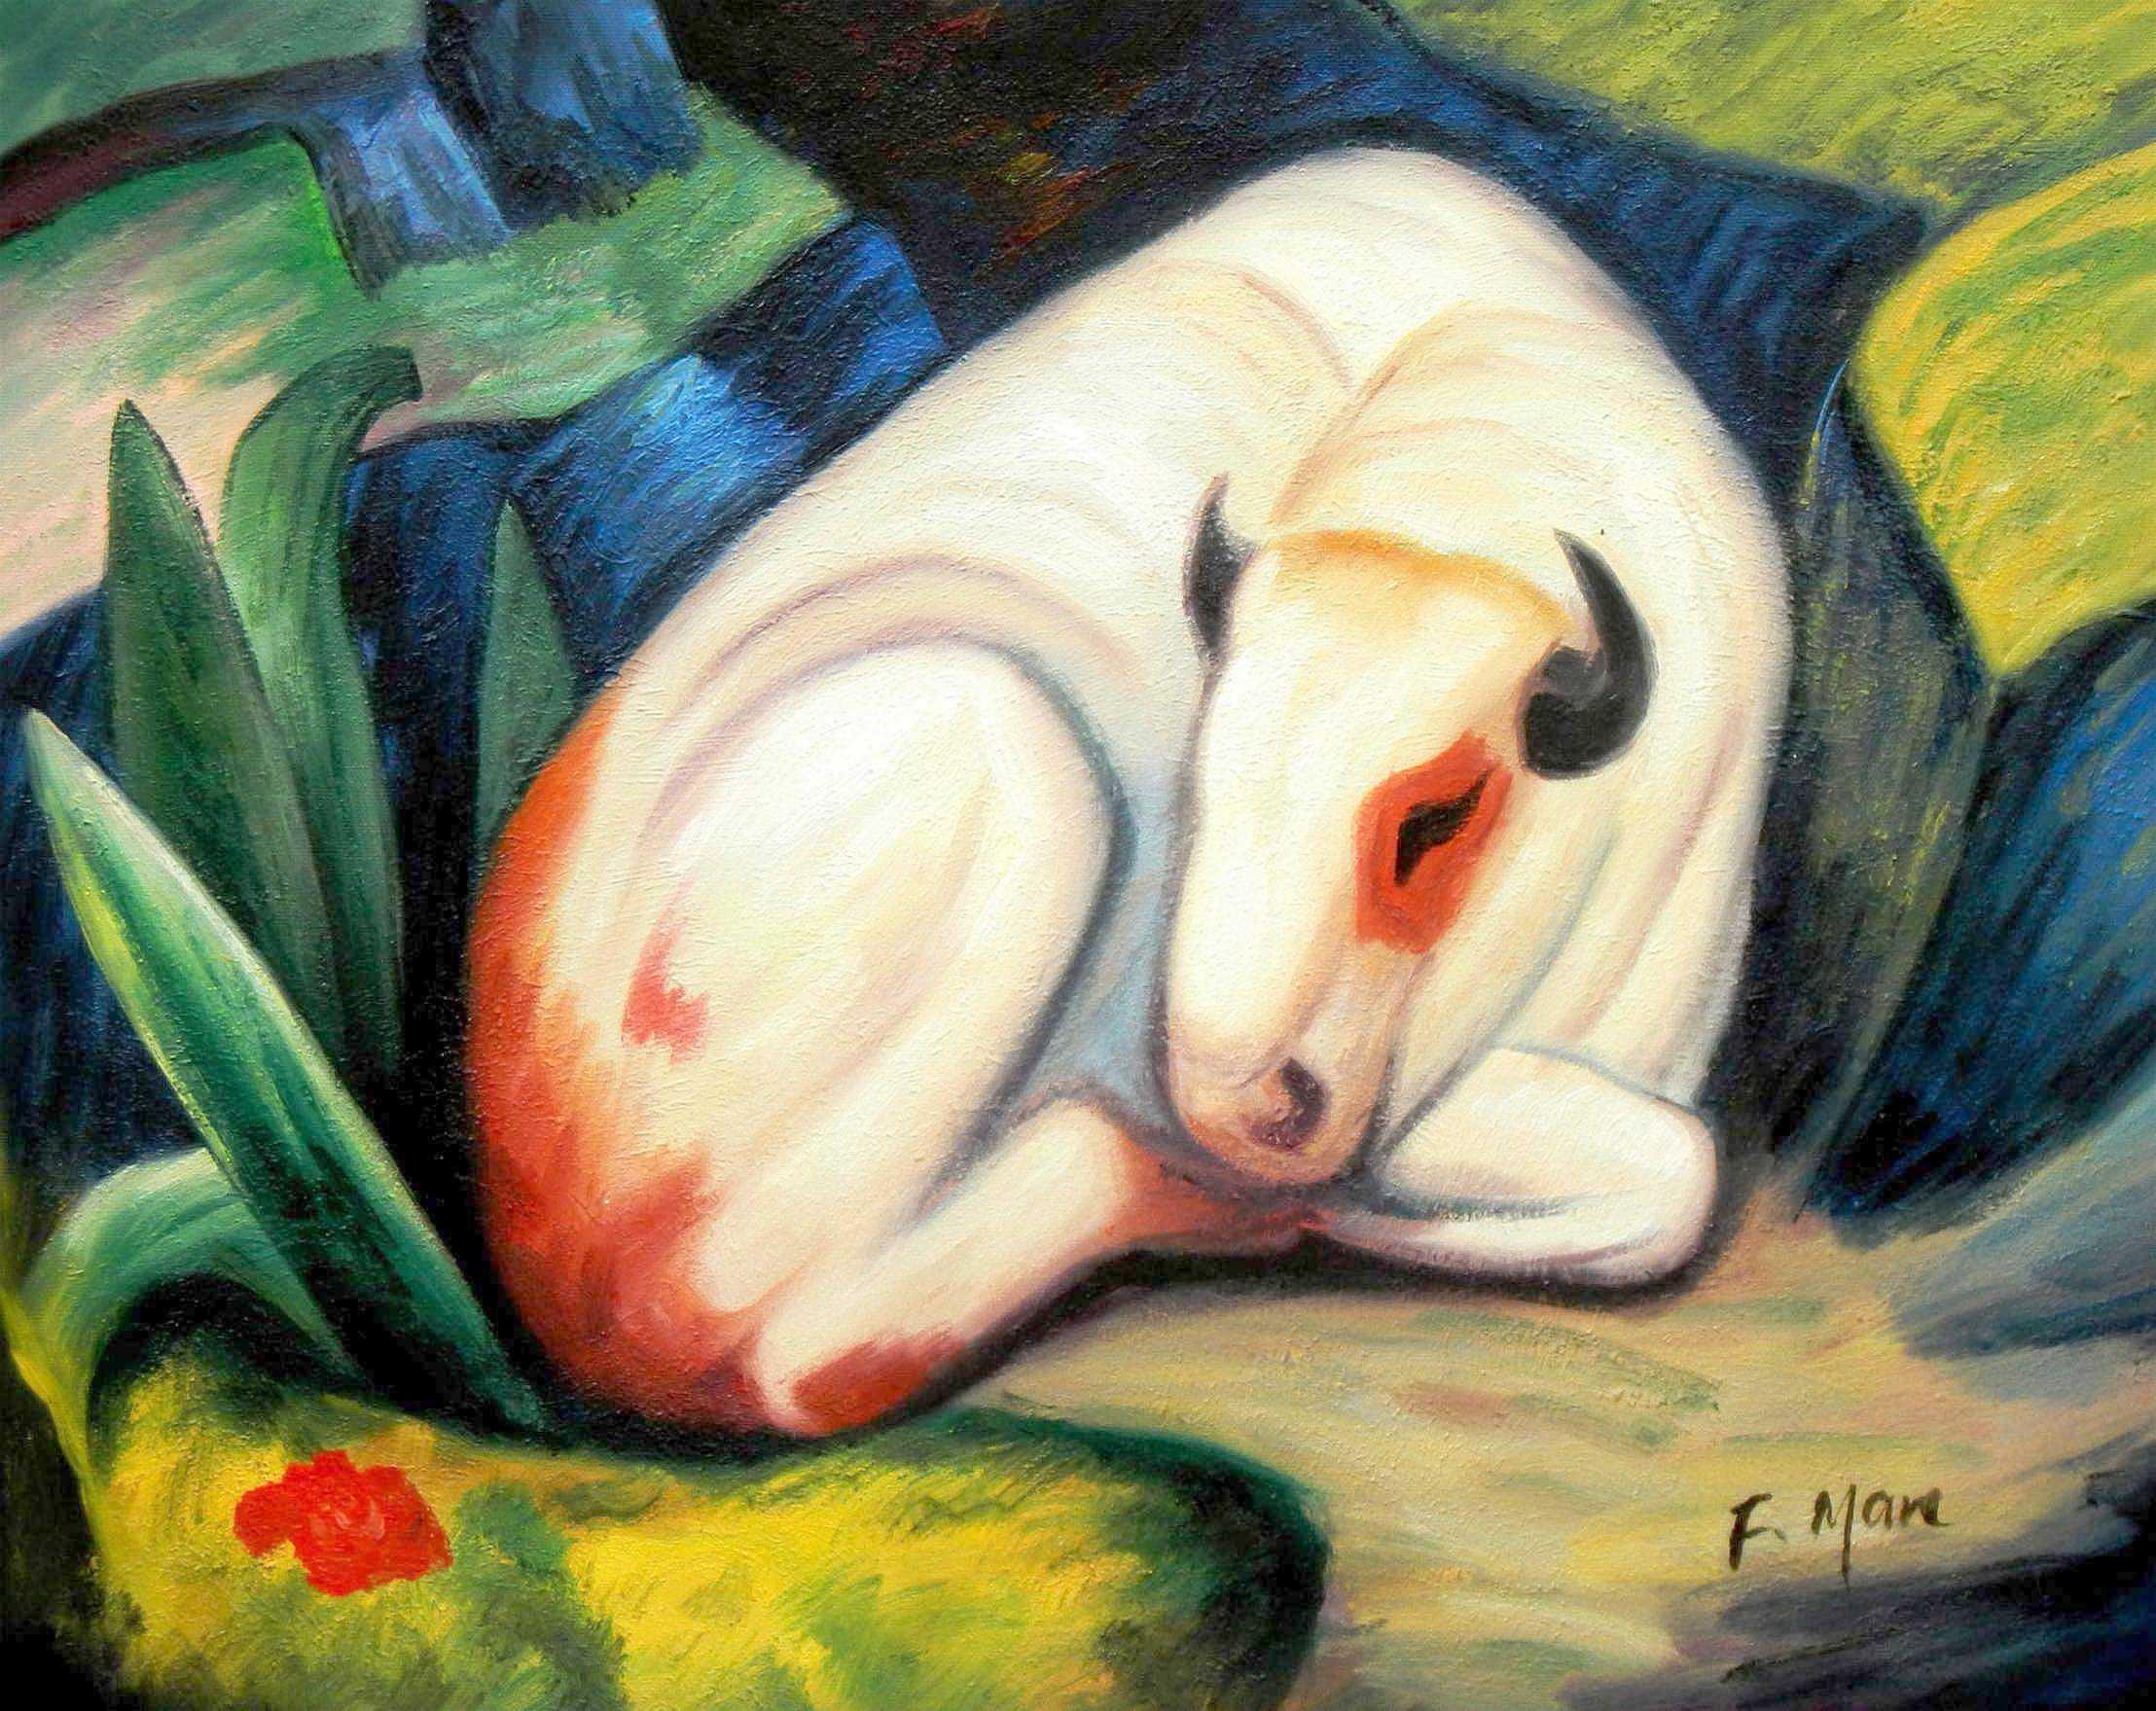 Franz Marc - Der weiße Bulle b94792 40x50cm Expressionismus Ölgemälde